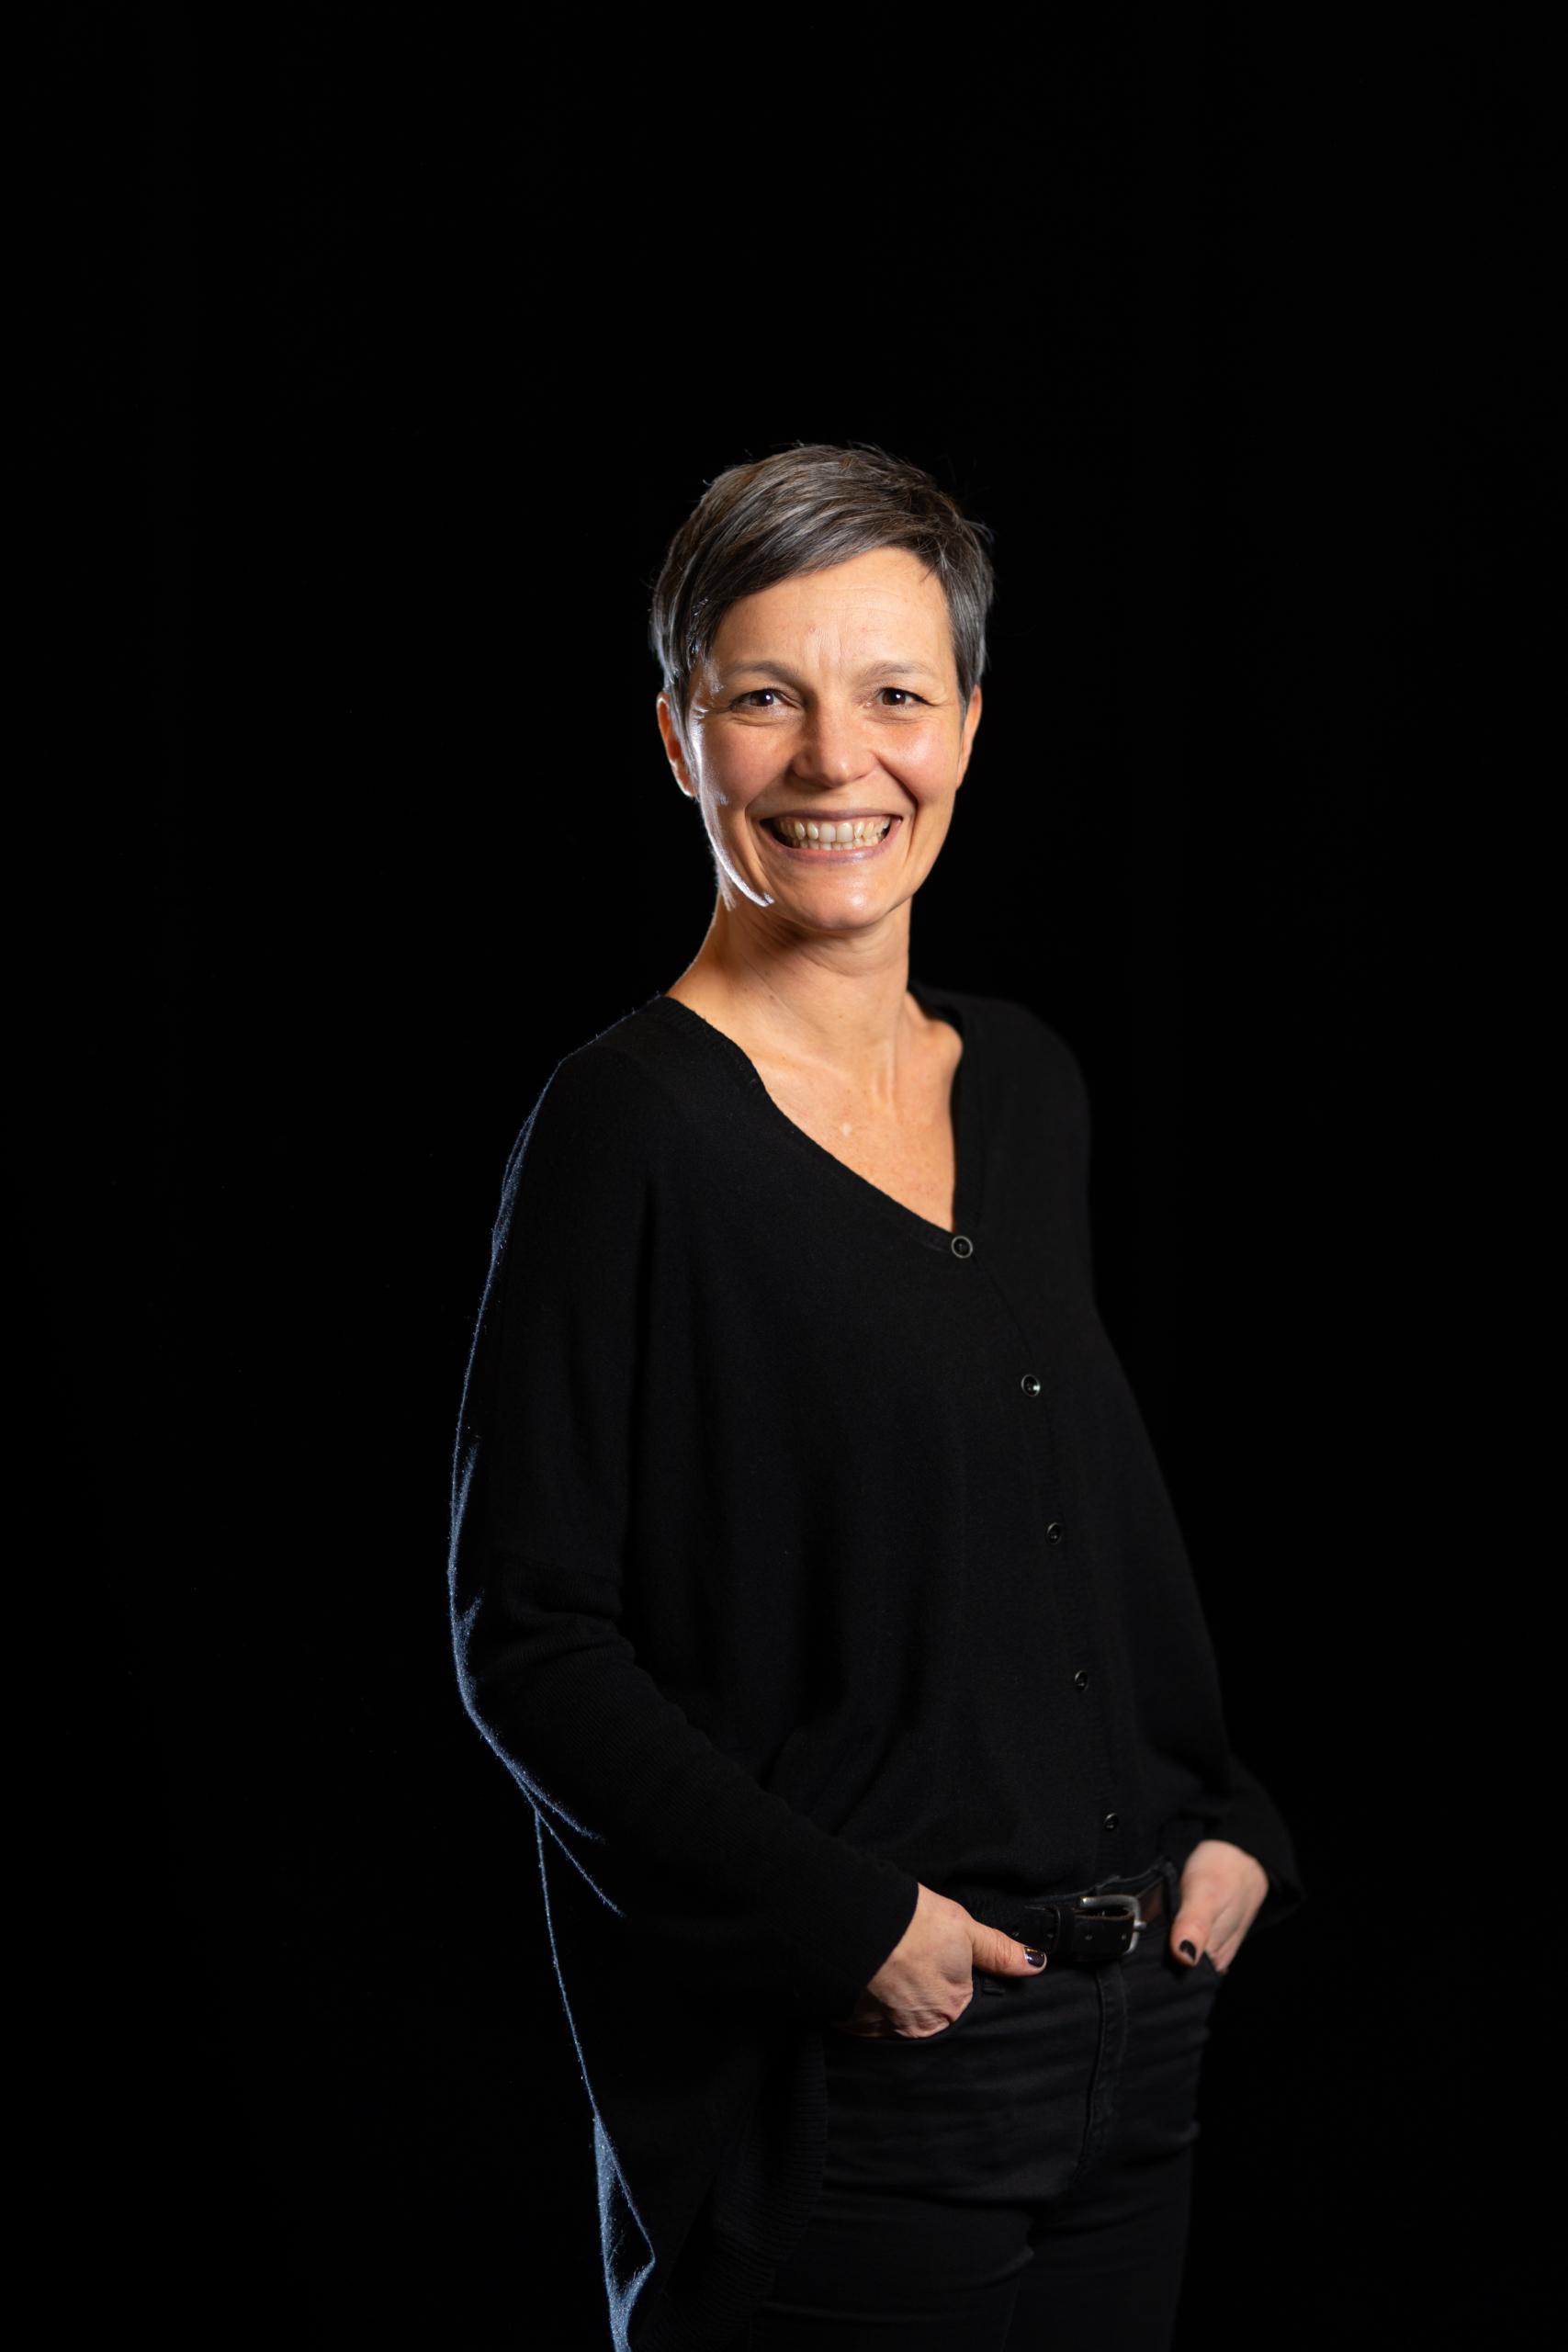 Nathalie Nehues Foto Philip Berstermann